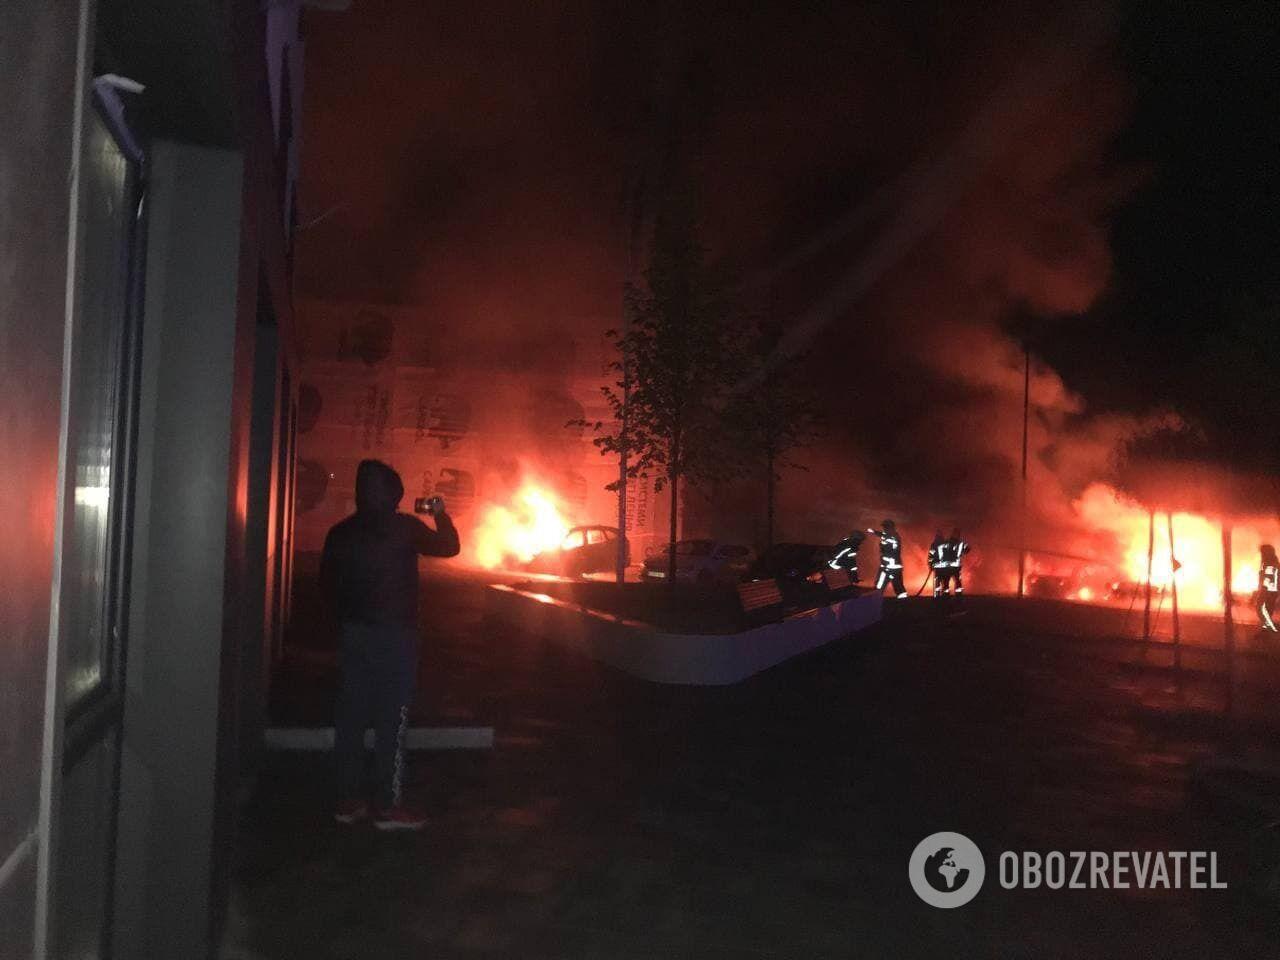 Одна машина обгоріла, а ще в одної пошкоджено лакофарбове покриття.